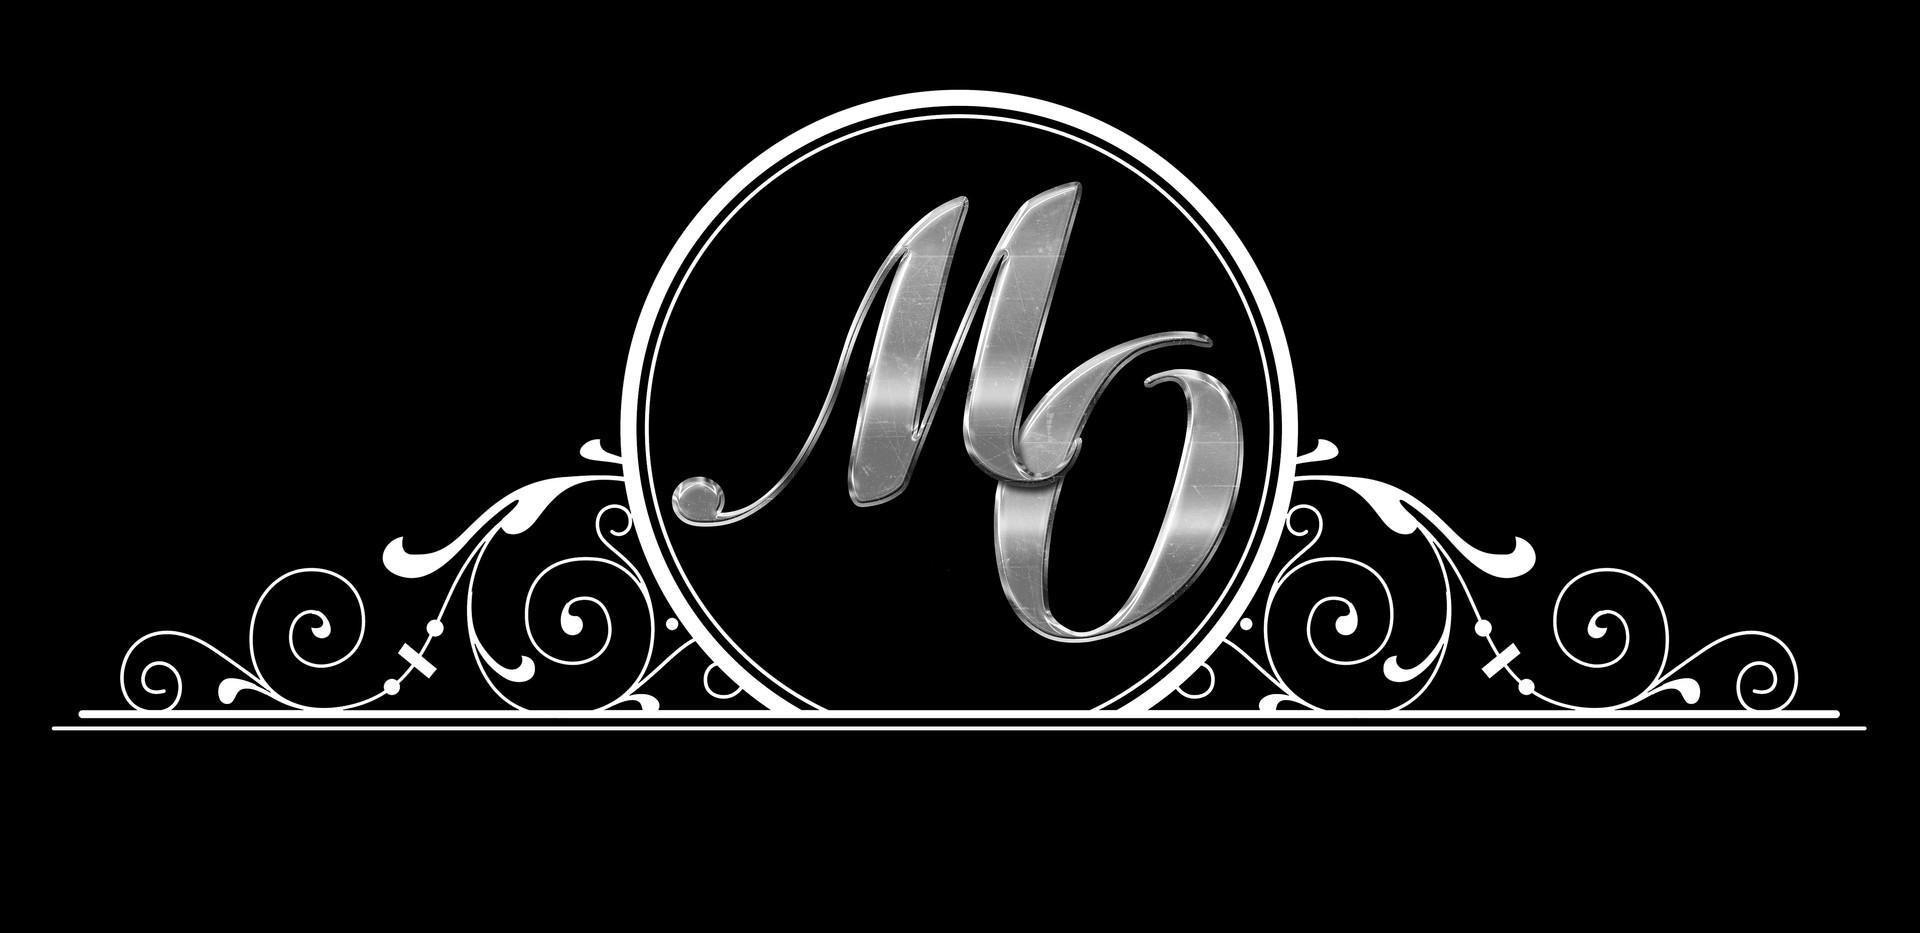 MOLLY OSBURNE 2015 LOGO 3 .jpg